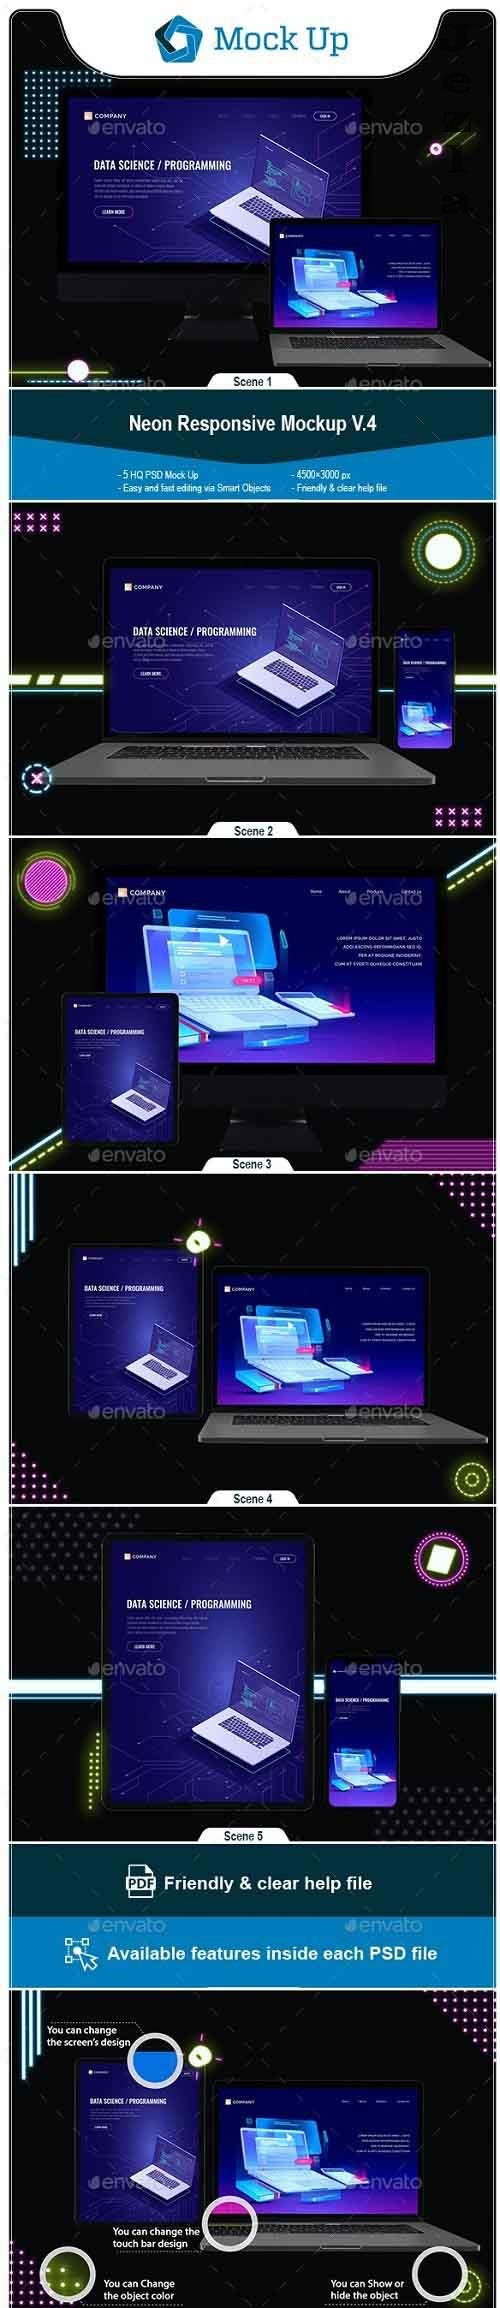 Neon Responsive Mockup V.4 - 27514975 - 4731864